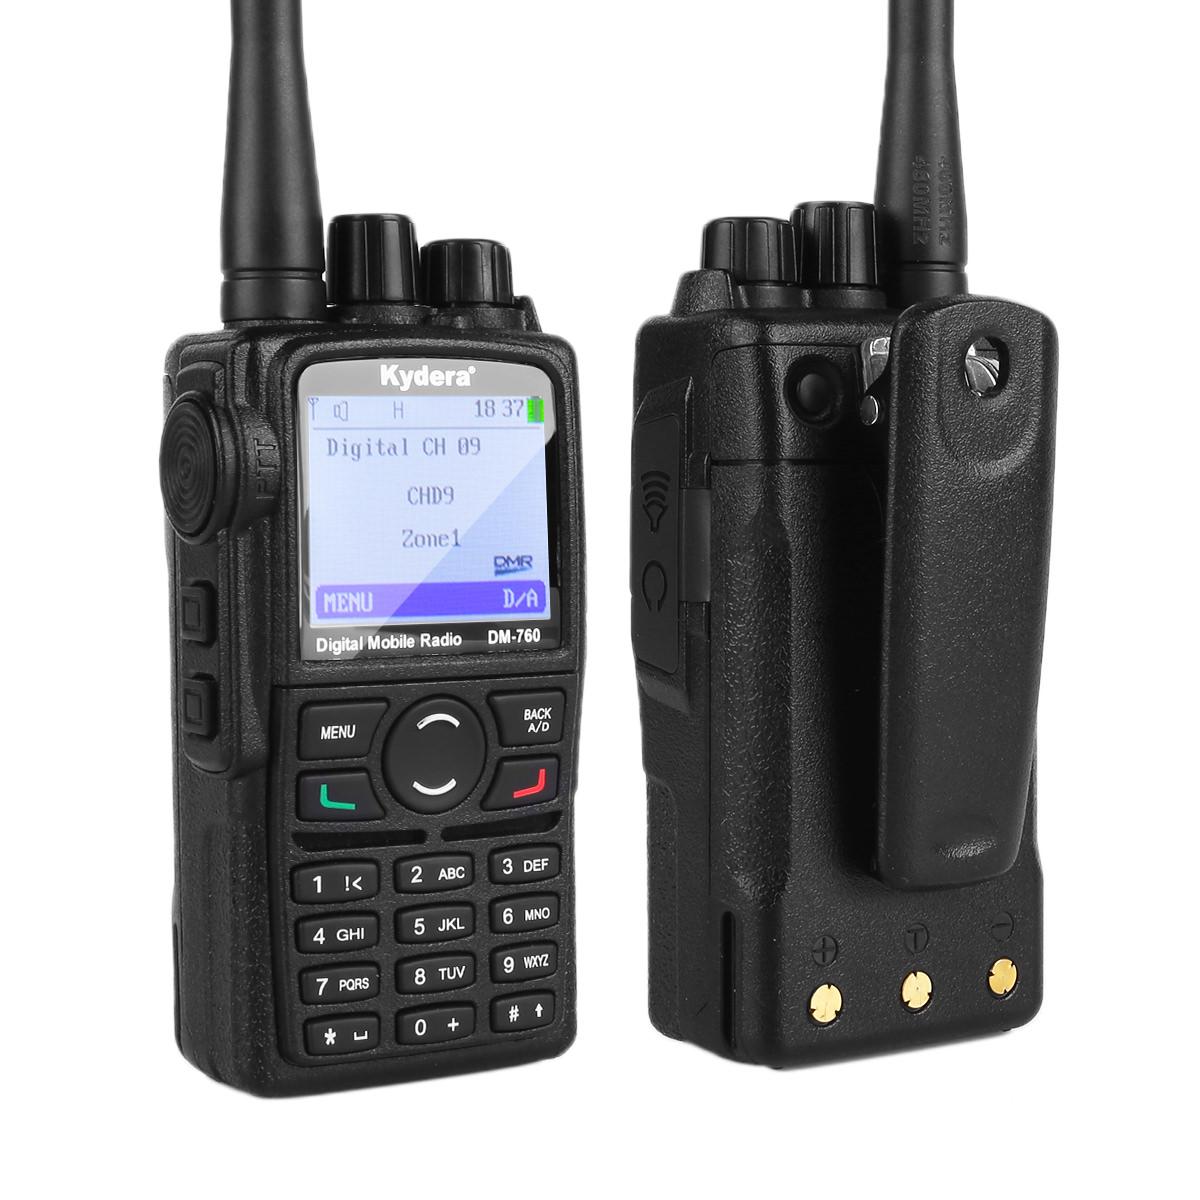 Портативная цифро-аналоговая радиостанция KYDERA DM-760 UHF(400-470МГц), 2000 мАч